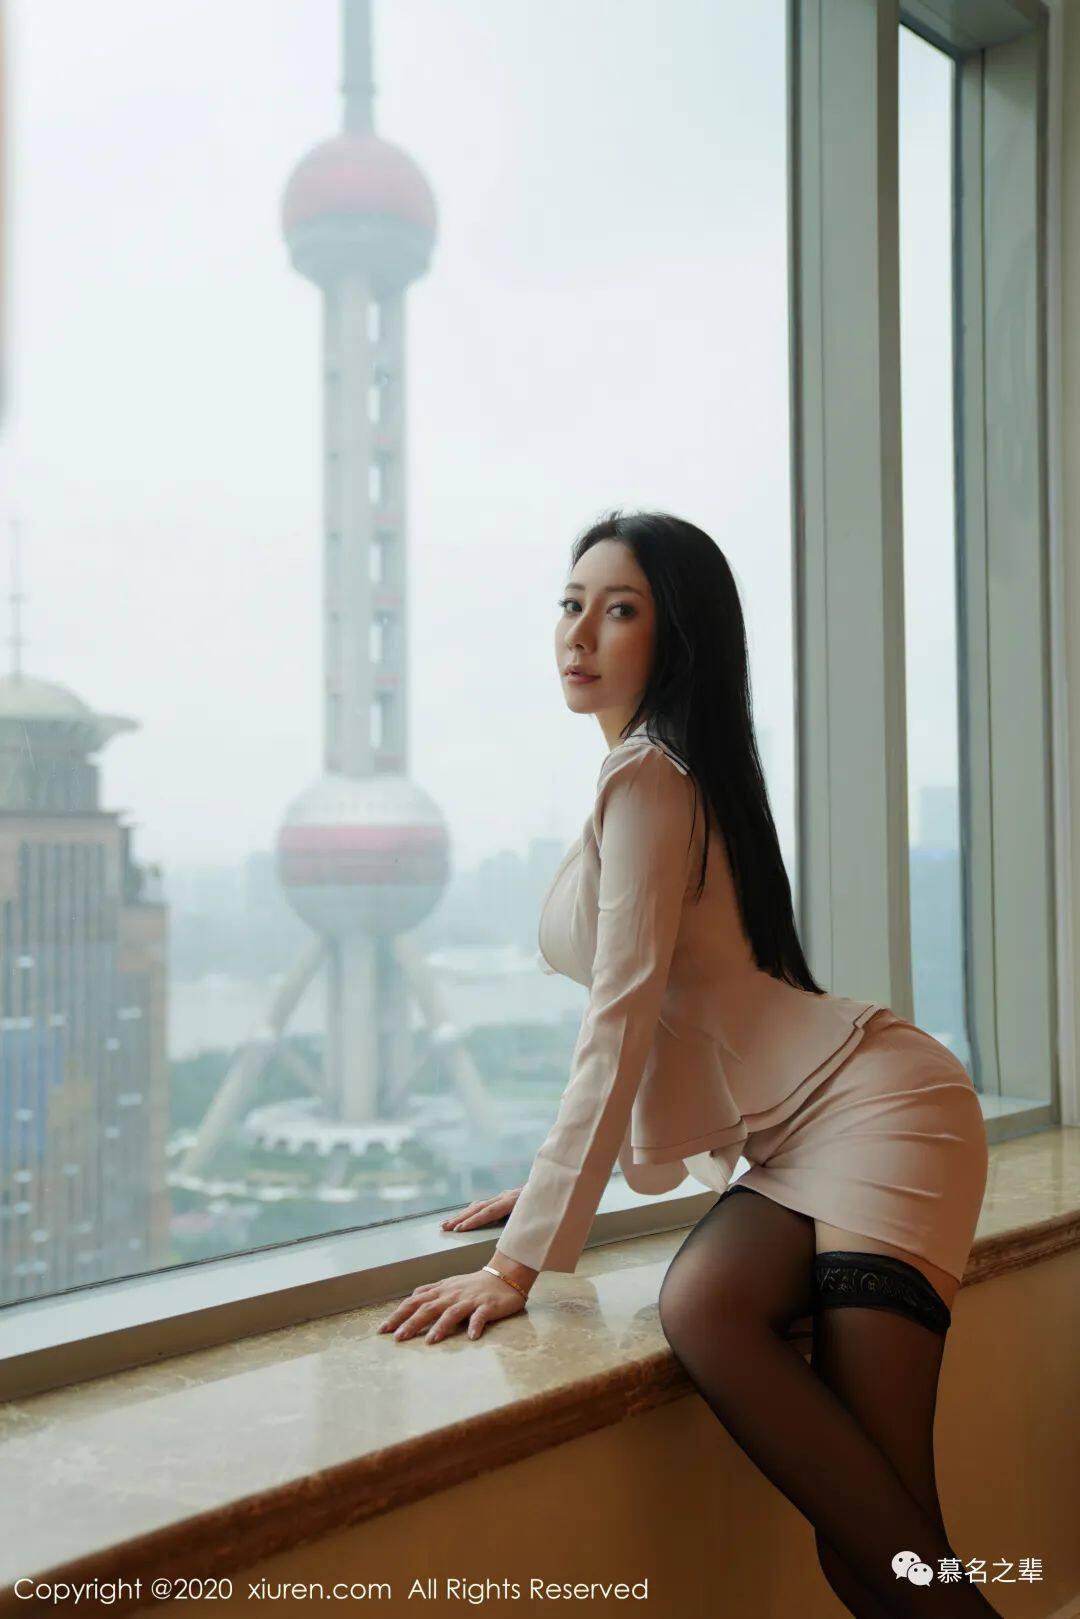 私房模特写真——松果儿Victoria(F罩杯)40